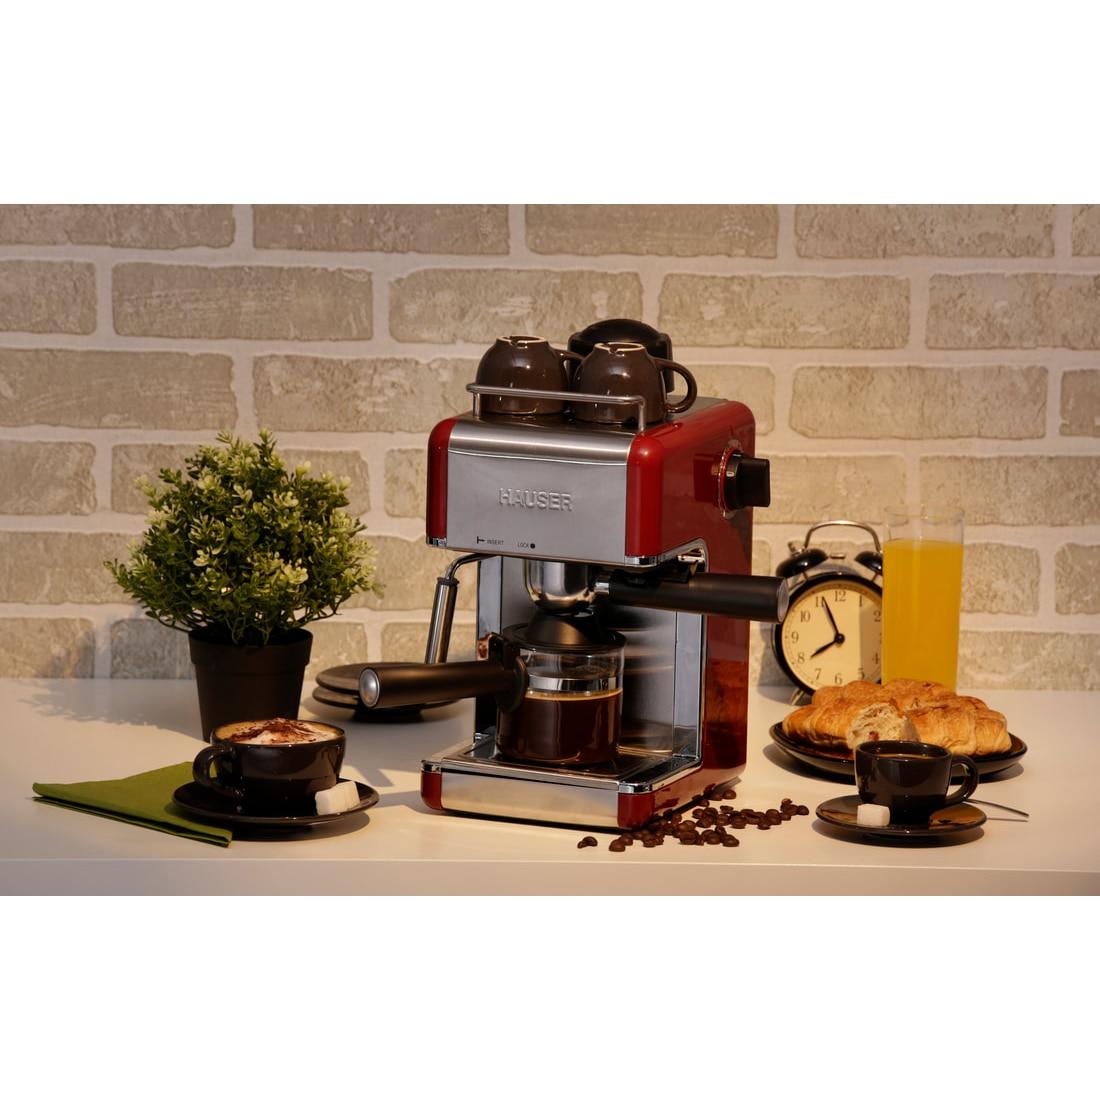 Hauser CE929 eszpresszó kávéfőző